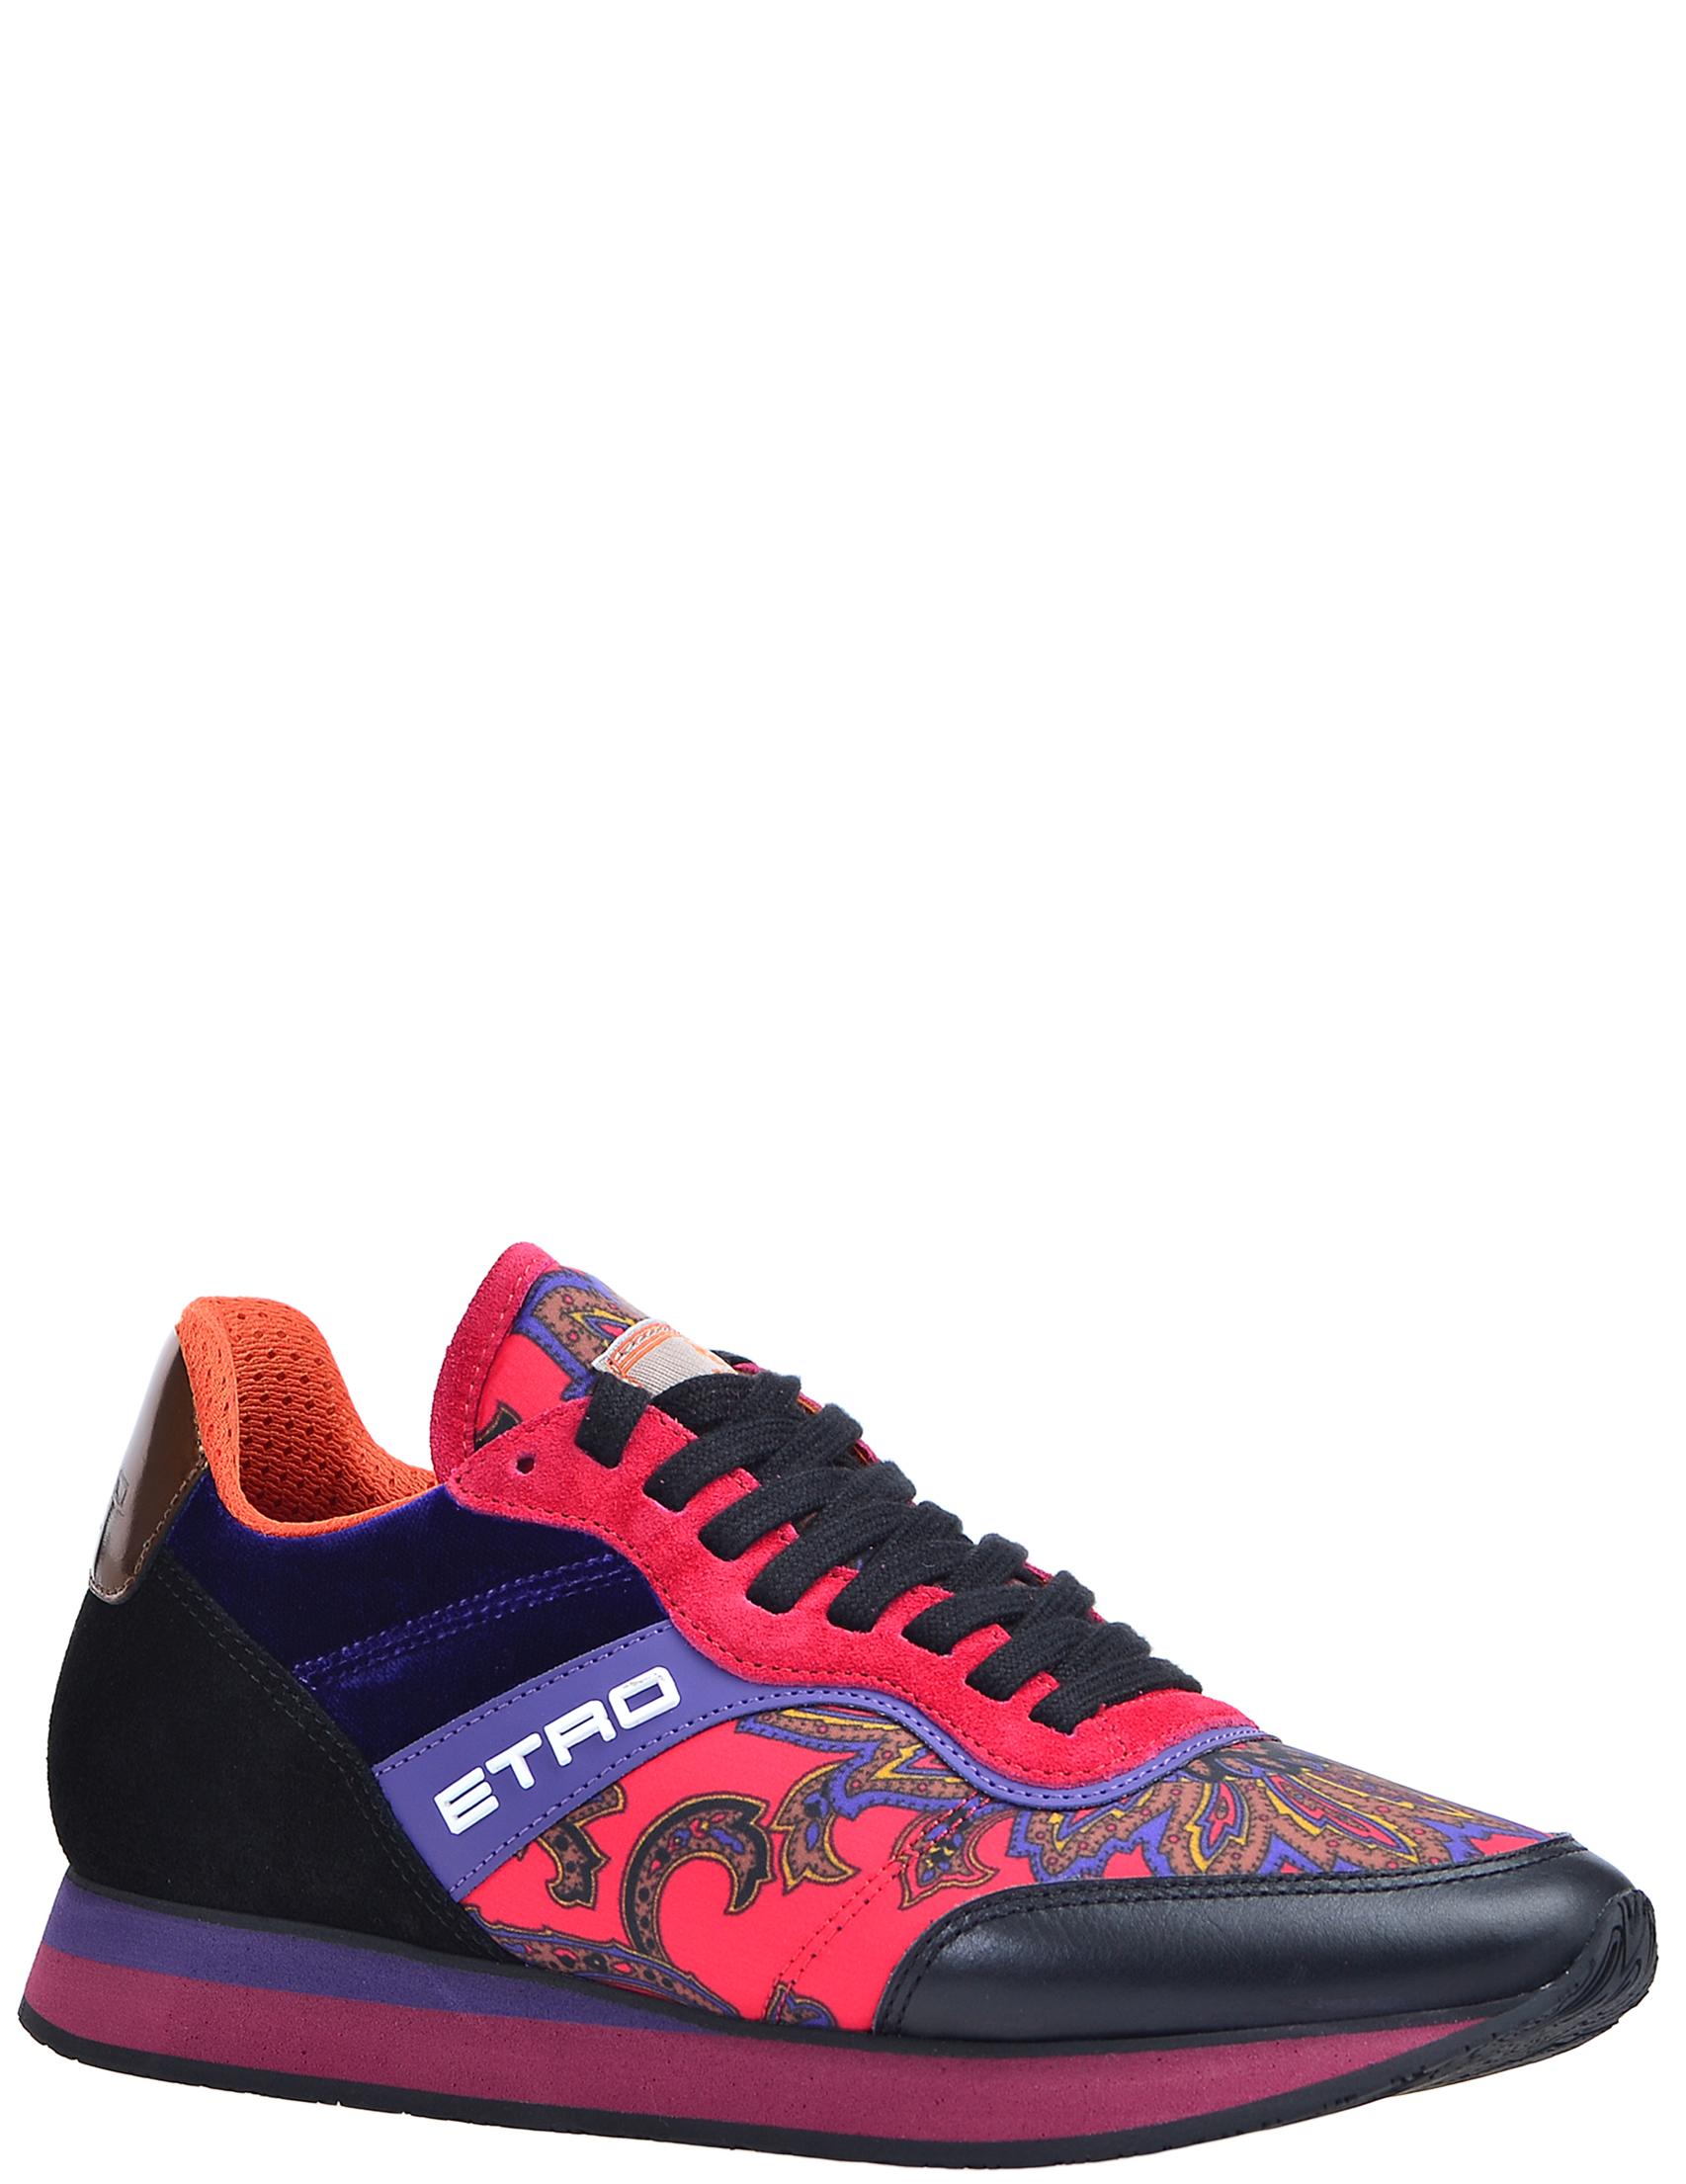 Фото 2 - женские кроссовки  цвет многоцветный